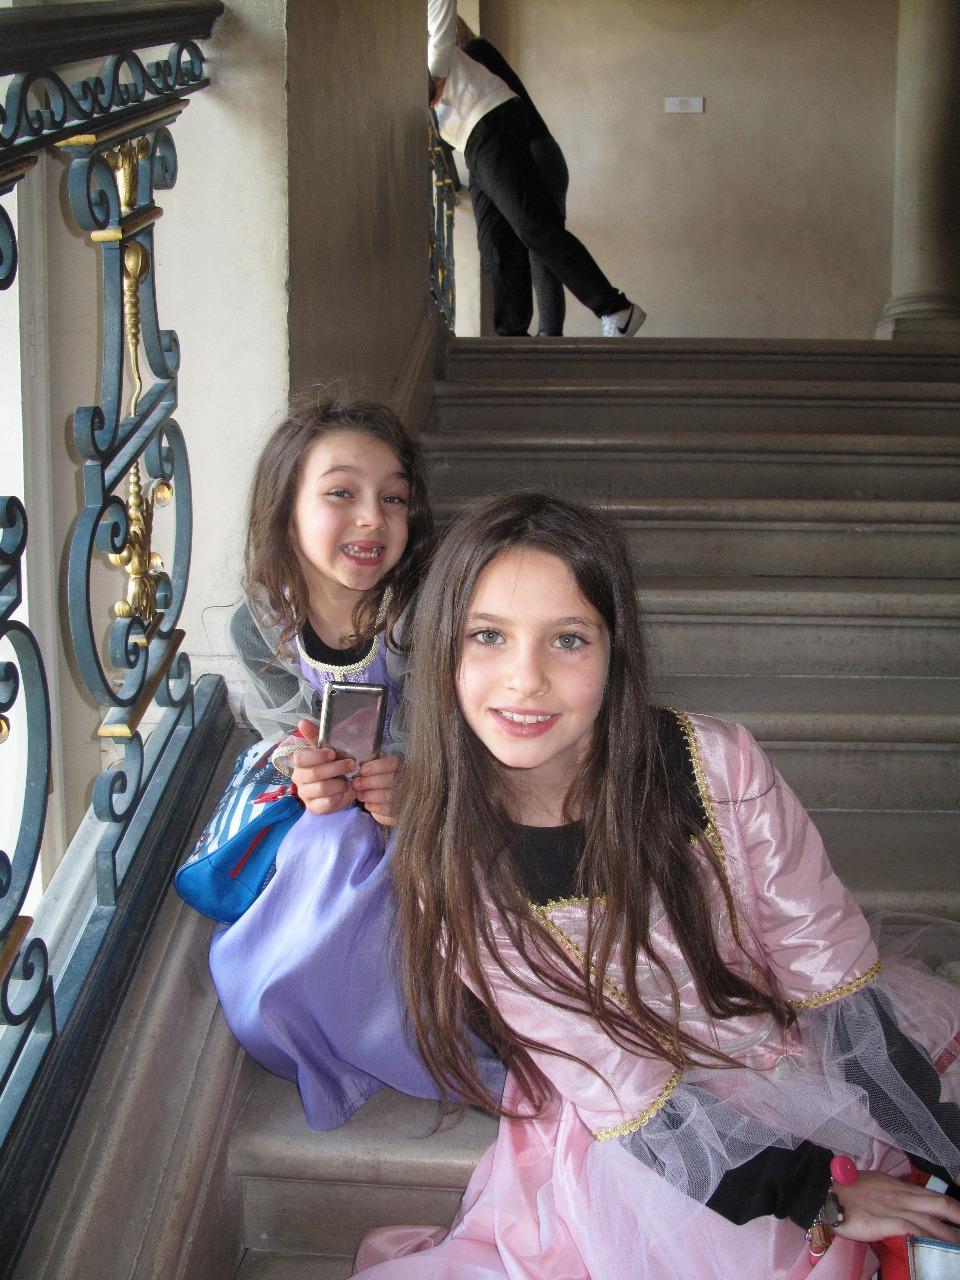 Saffron and Scarlett in Vaux